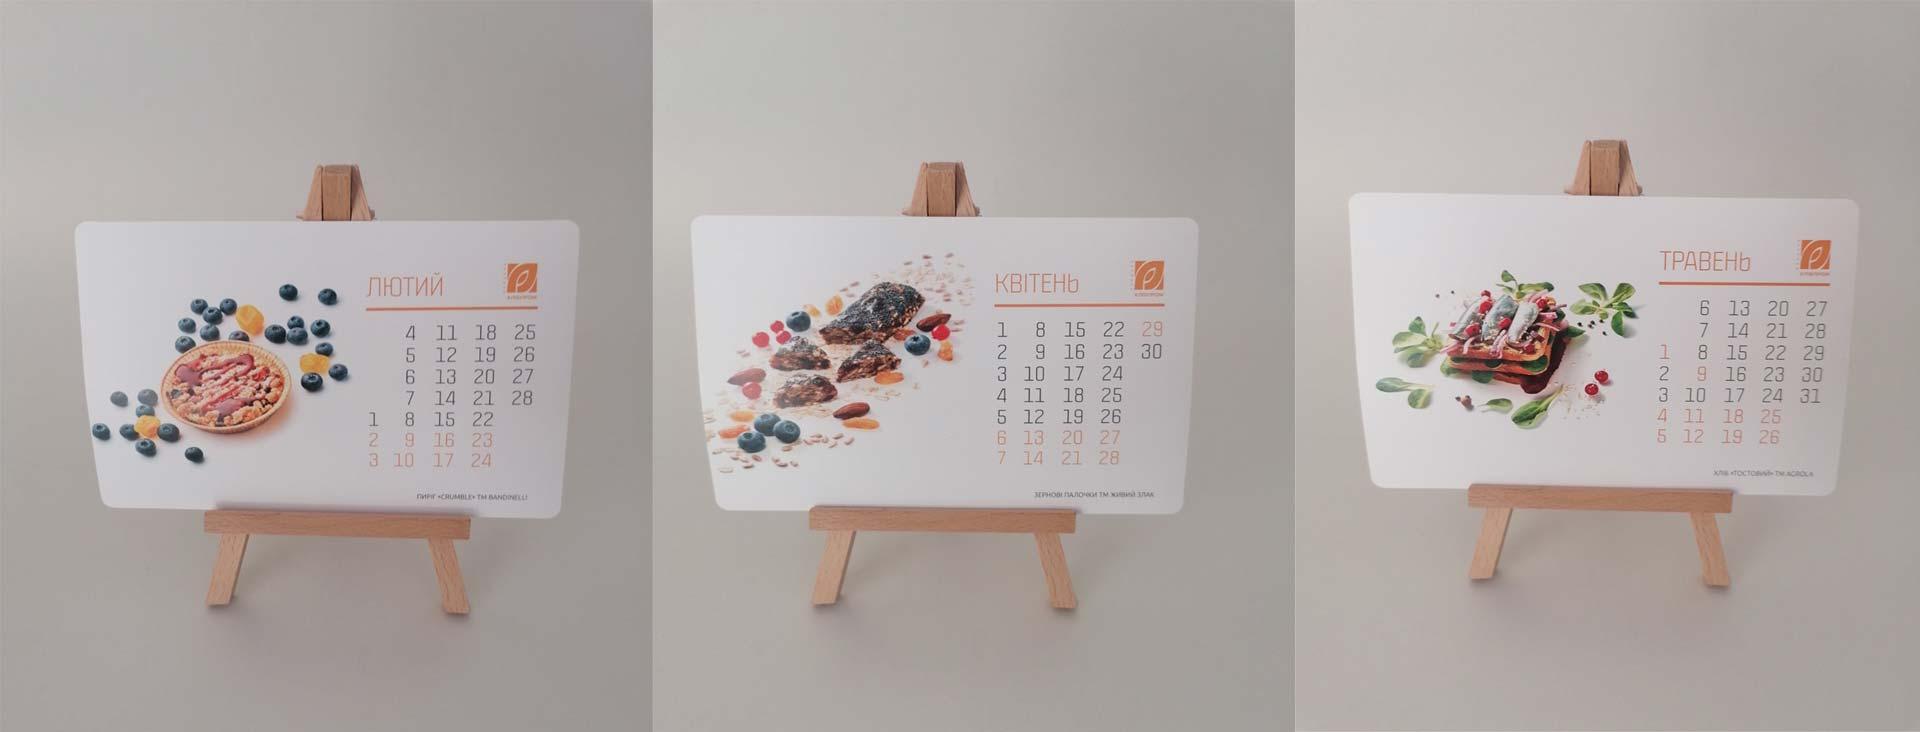 календари настольные 2021